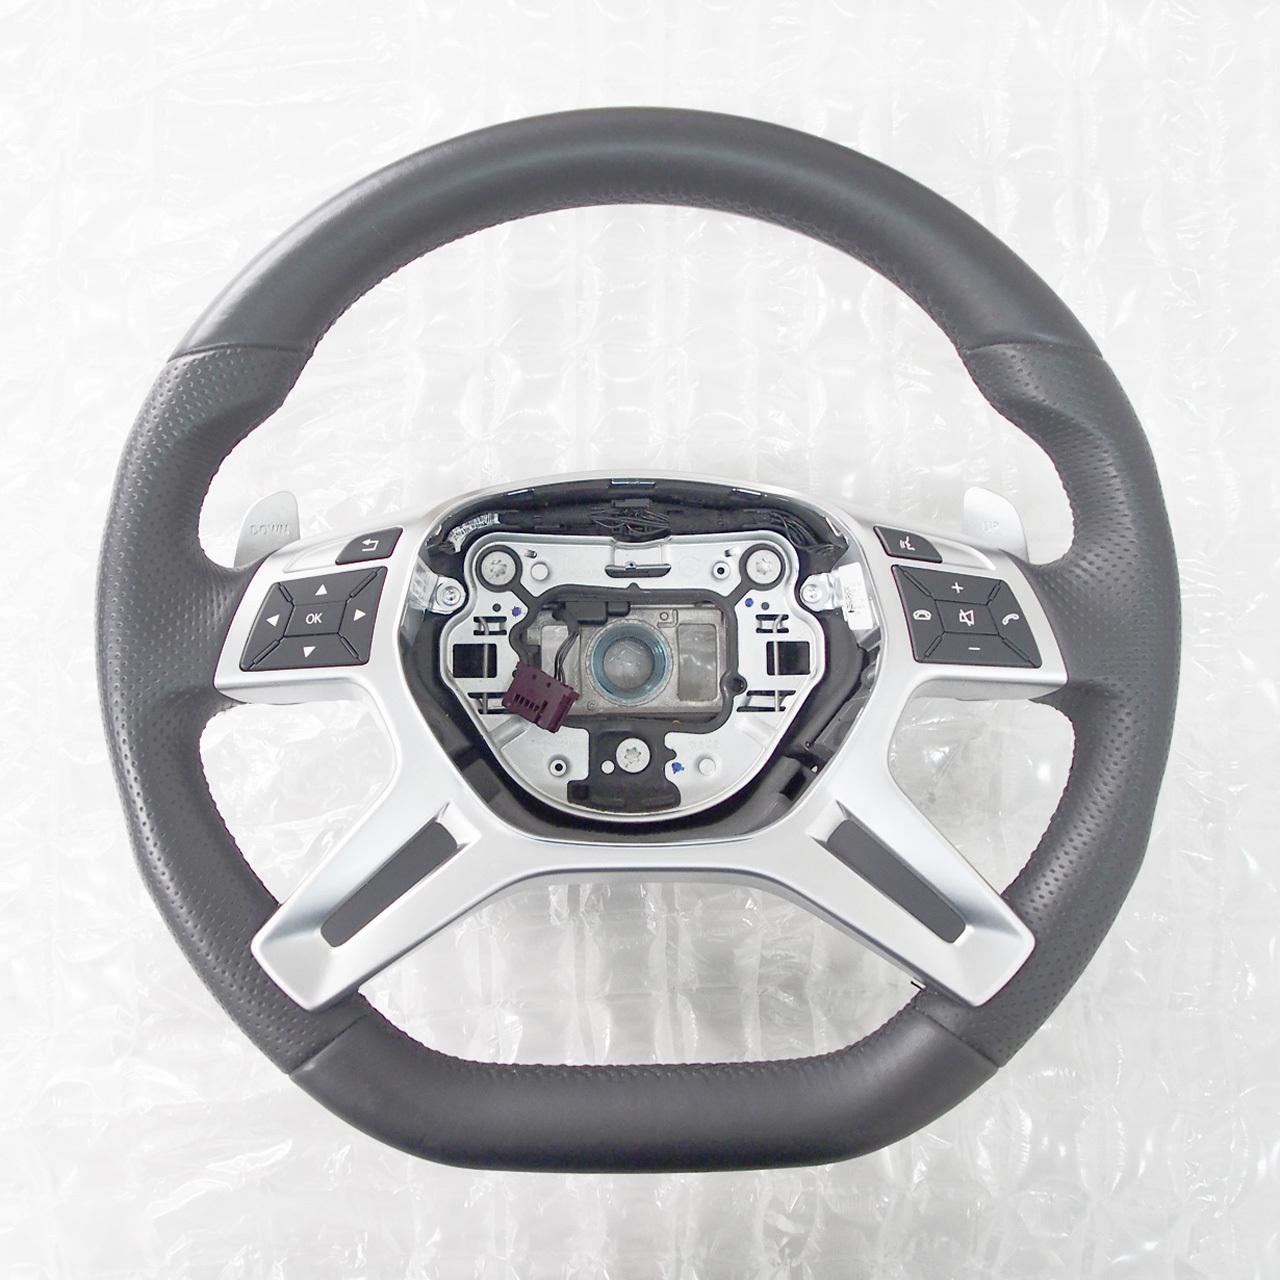 Mercedes-Benz AMG パフォーマンスステアリング ※中古品